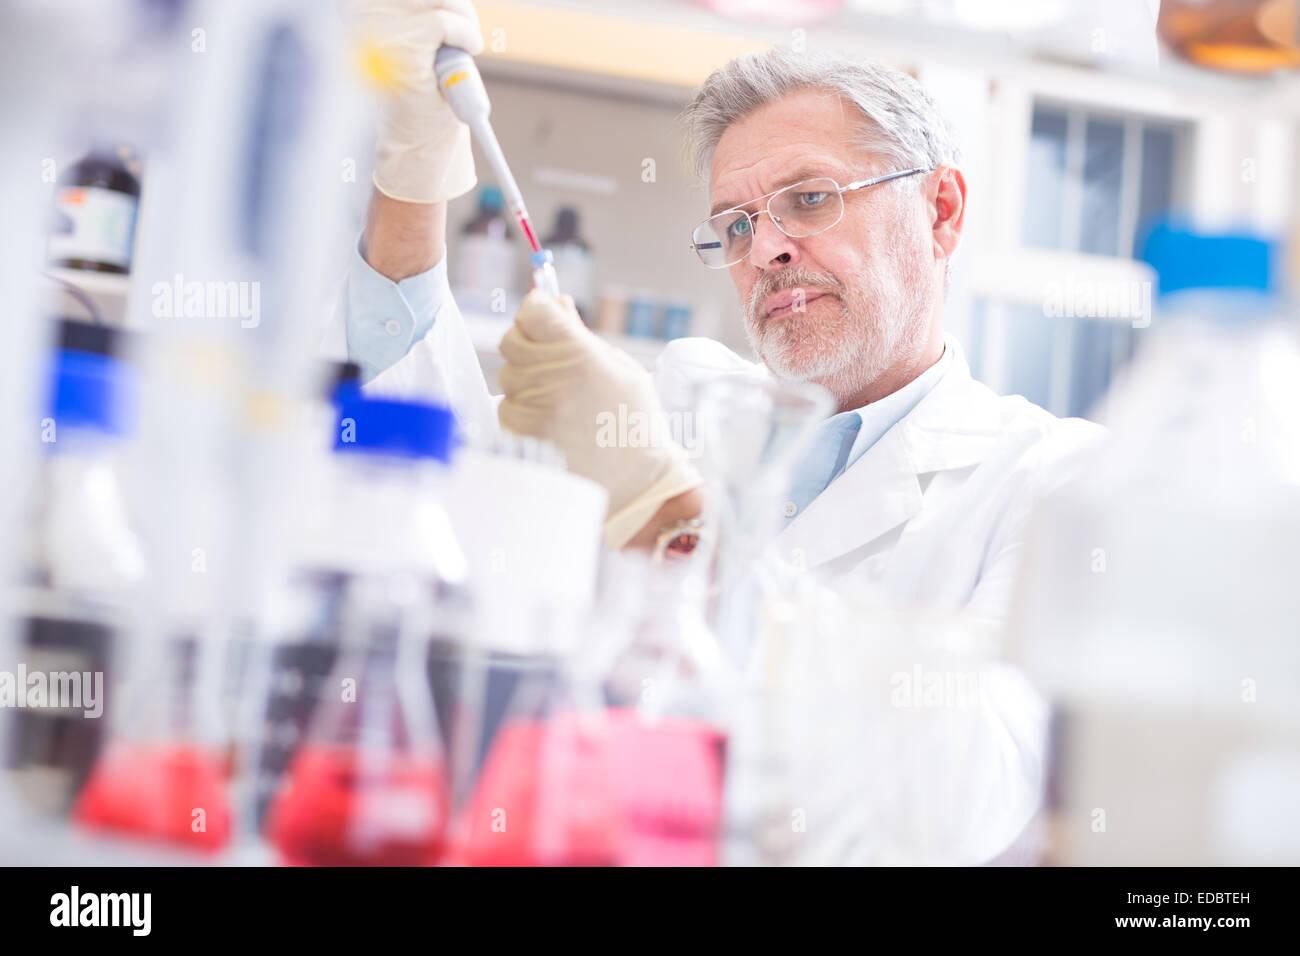 Lebens-Wissenschaftler forschen im Labor. Stockfoto